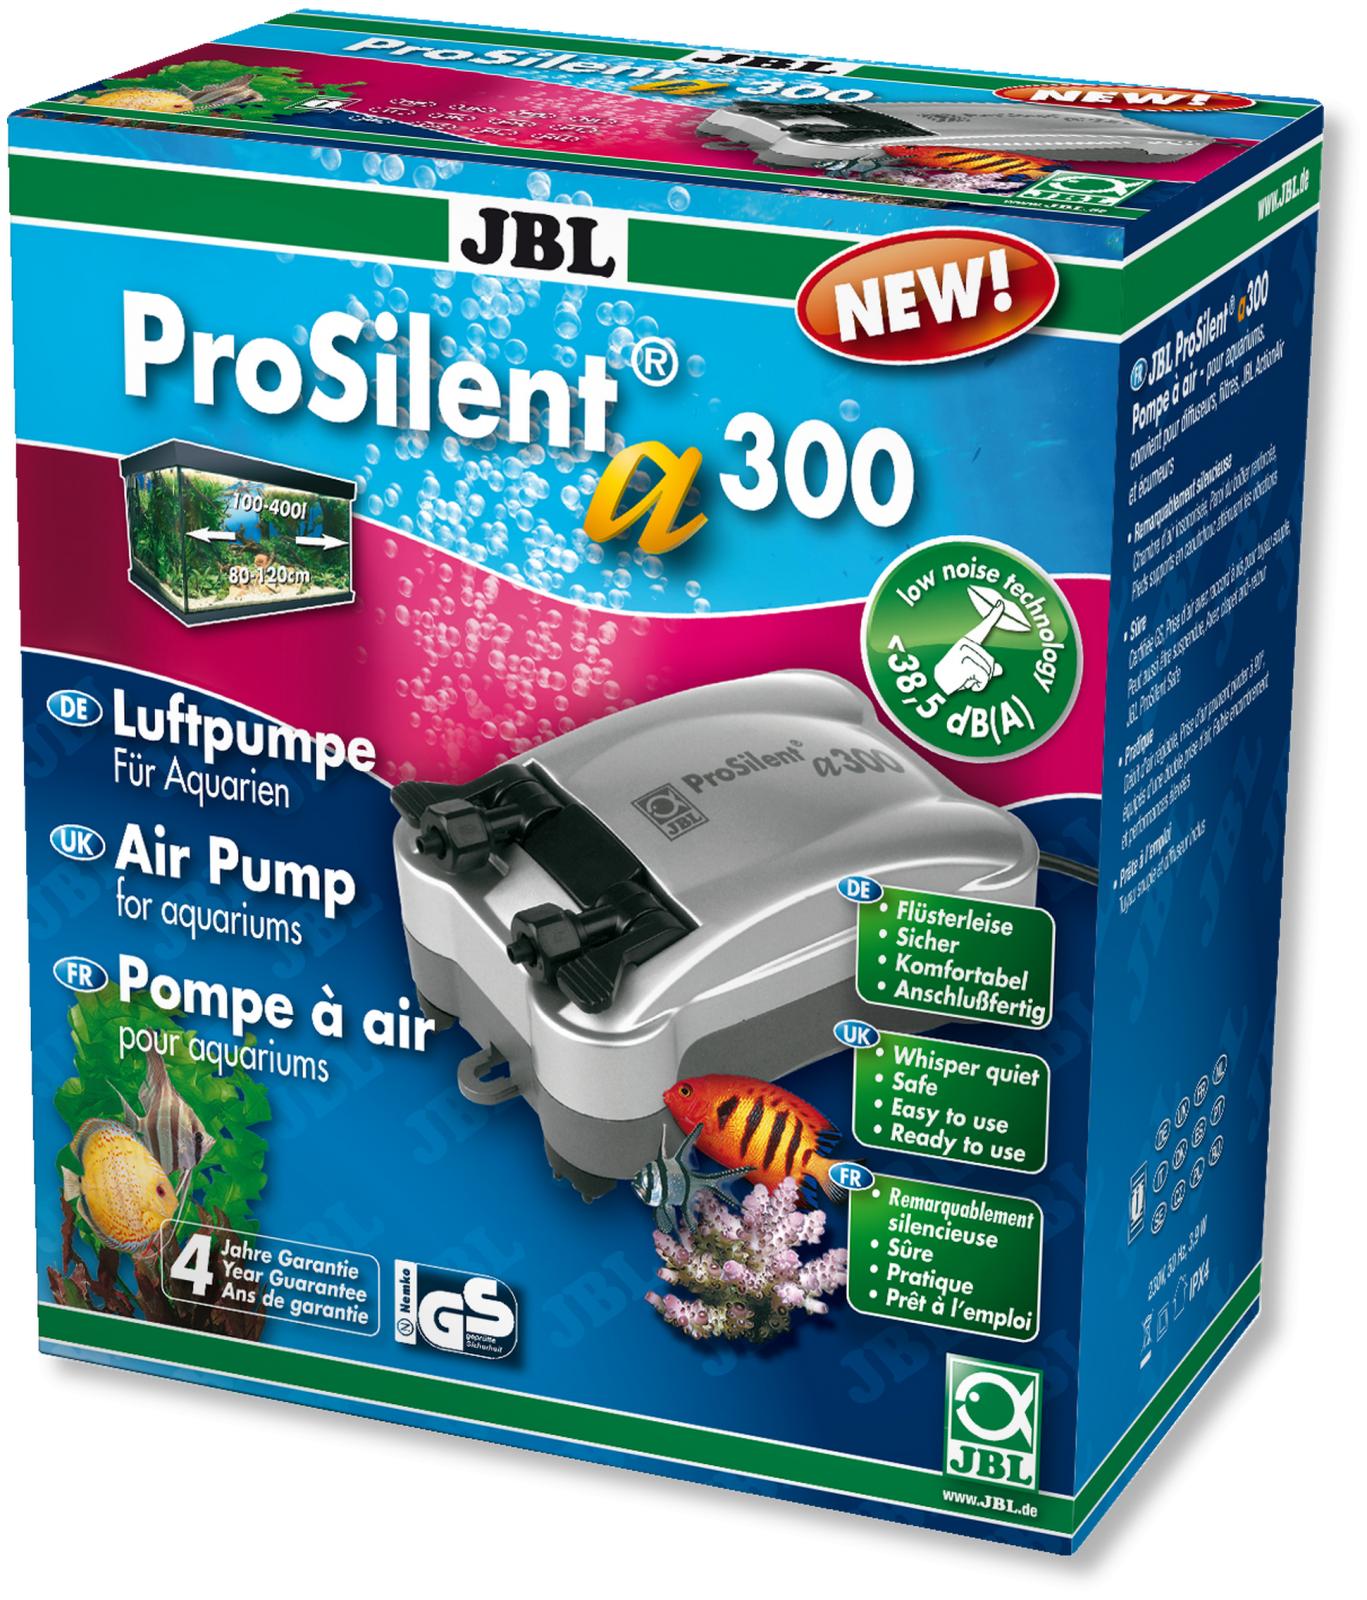 Pompa pentru acvariu JBL ProSilent a300